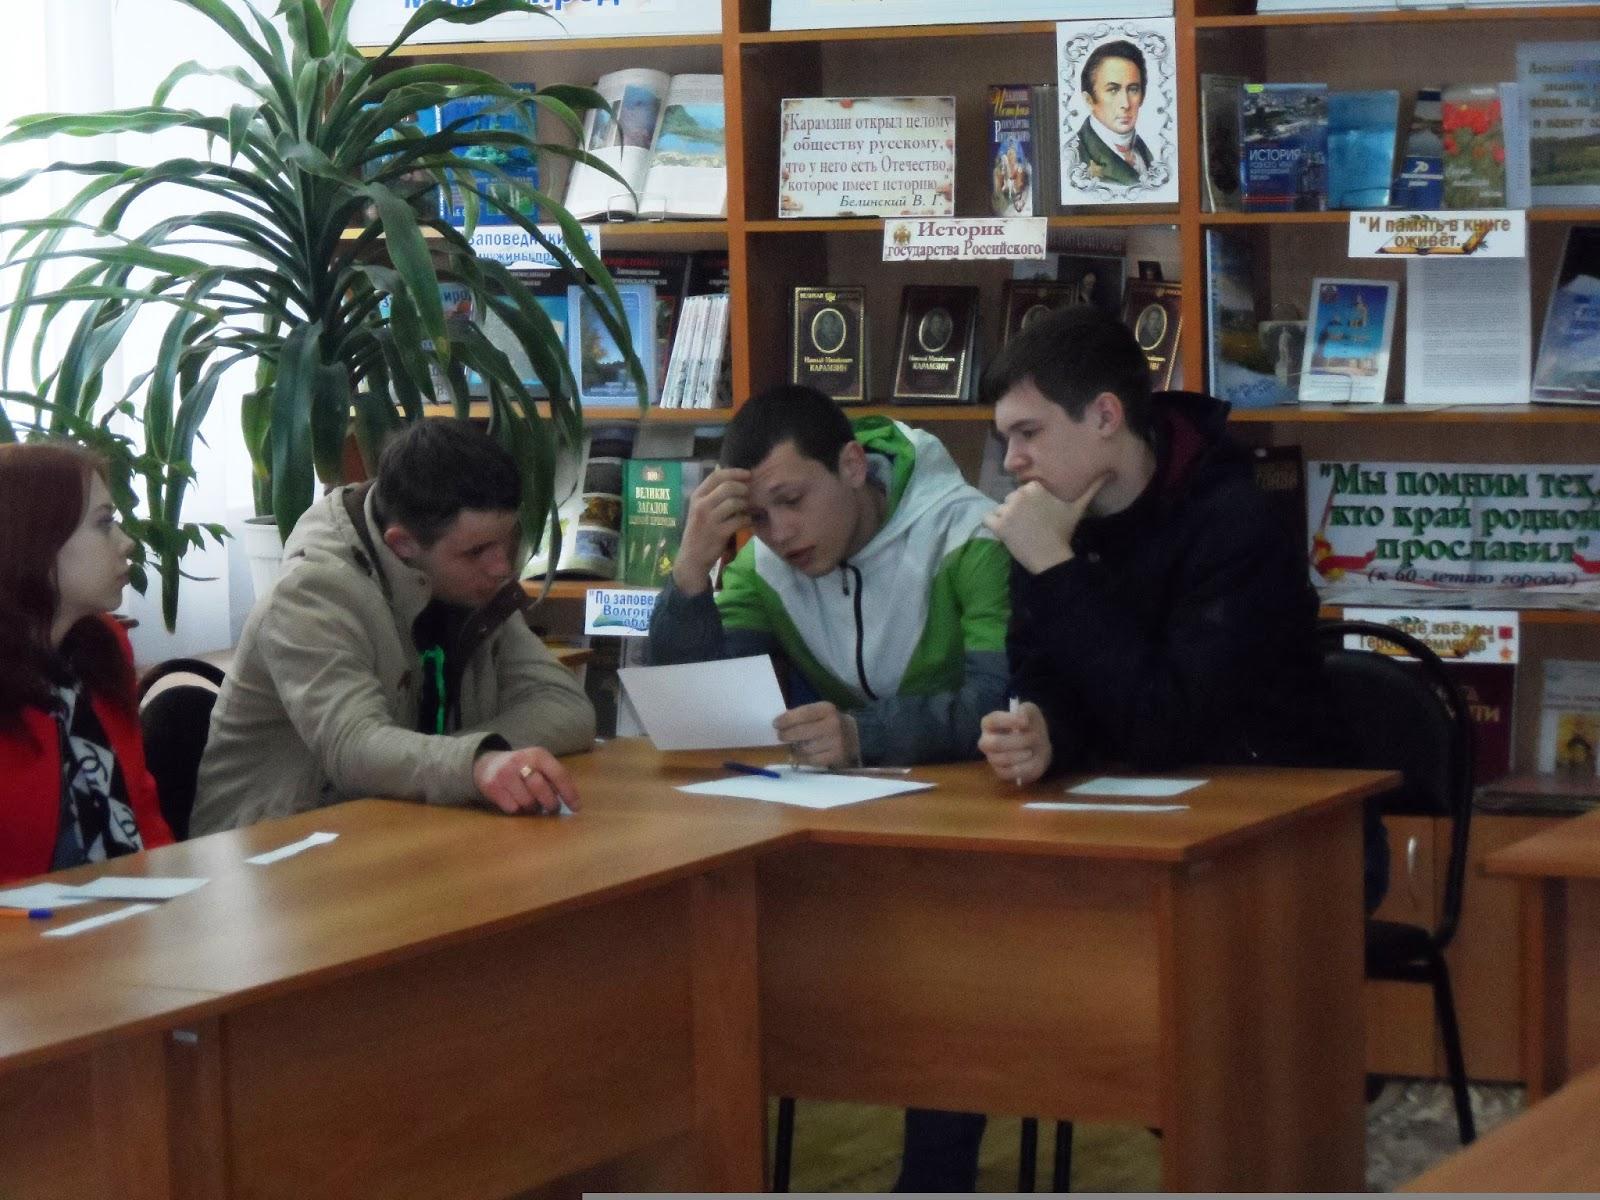 intelektualnoe-kazino-v-biblioteke-dlya-detey